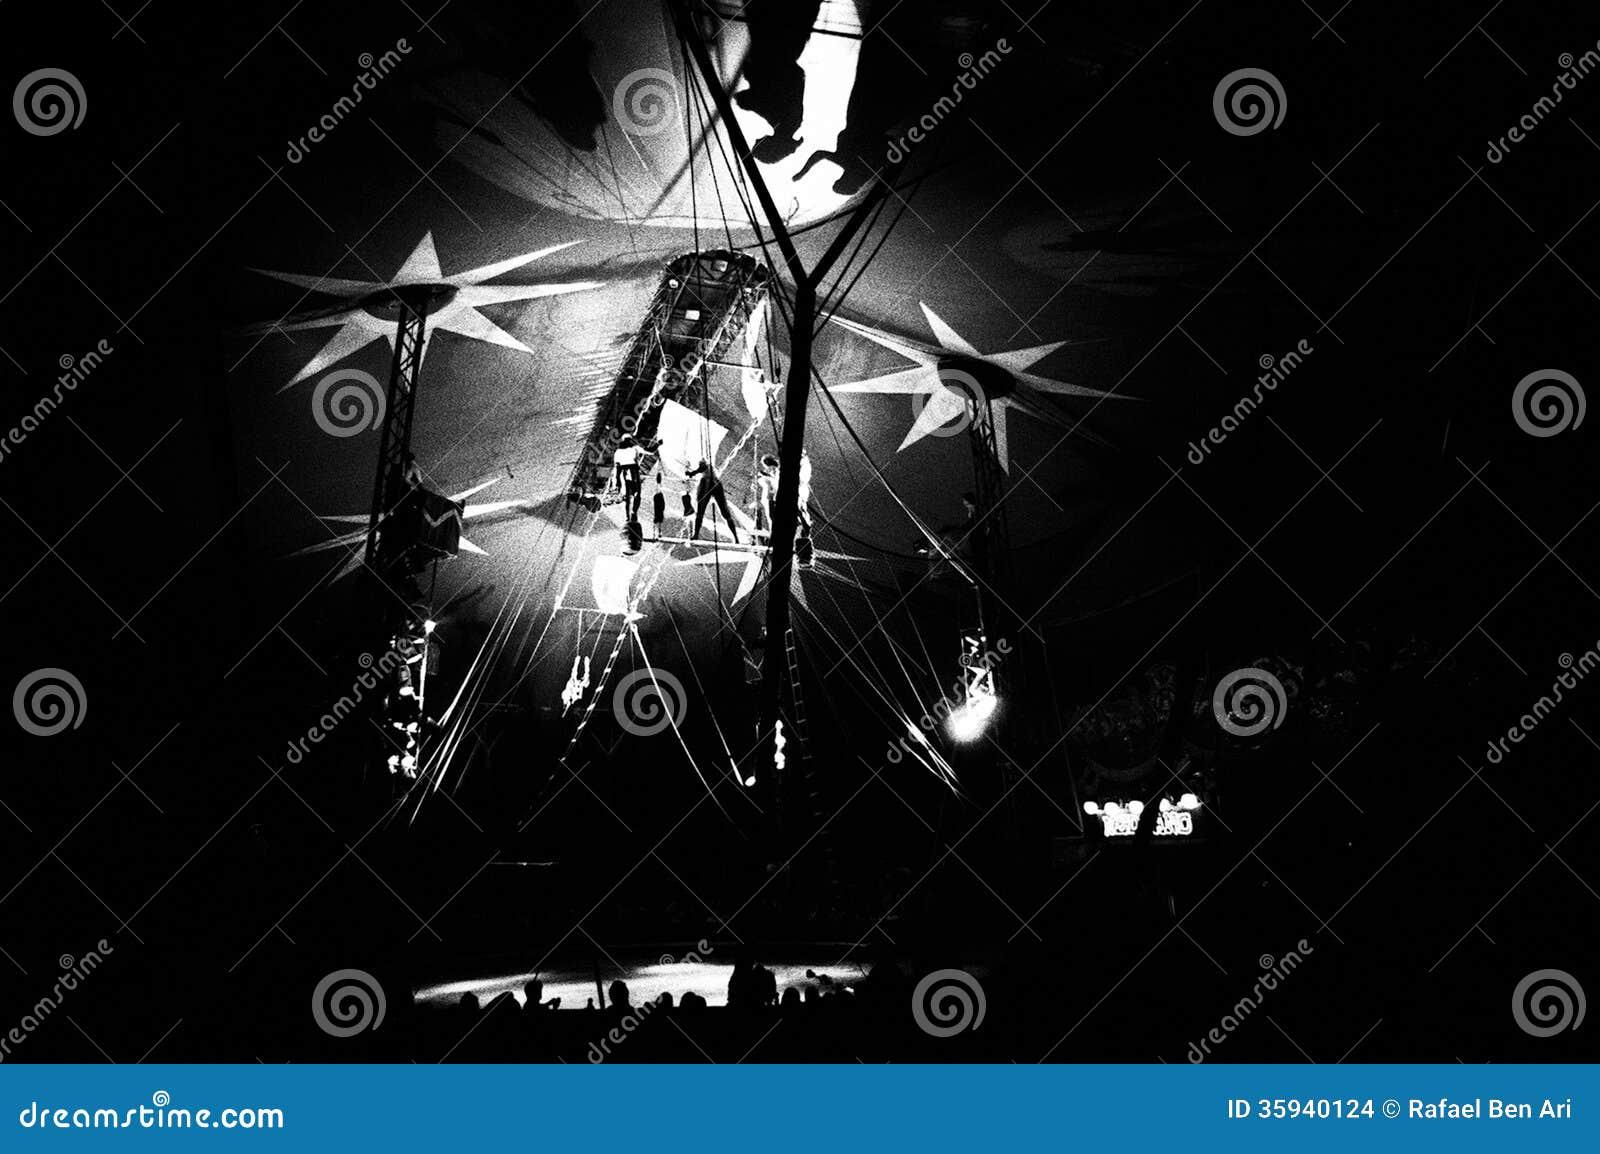 Cirkus Medrano - Cirque Medrano